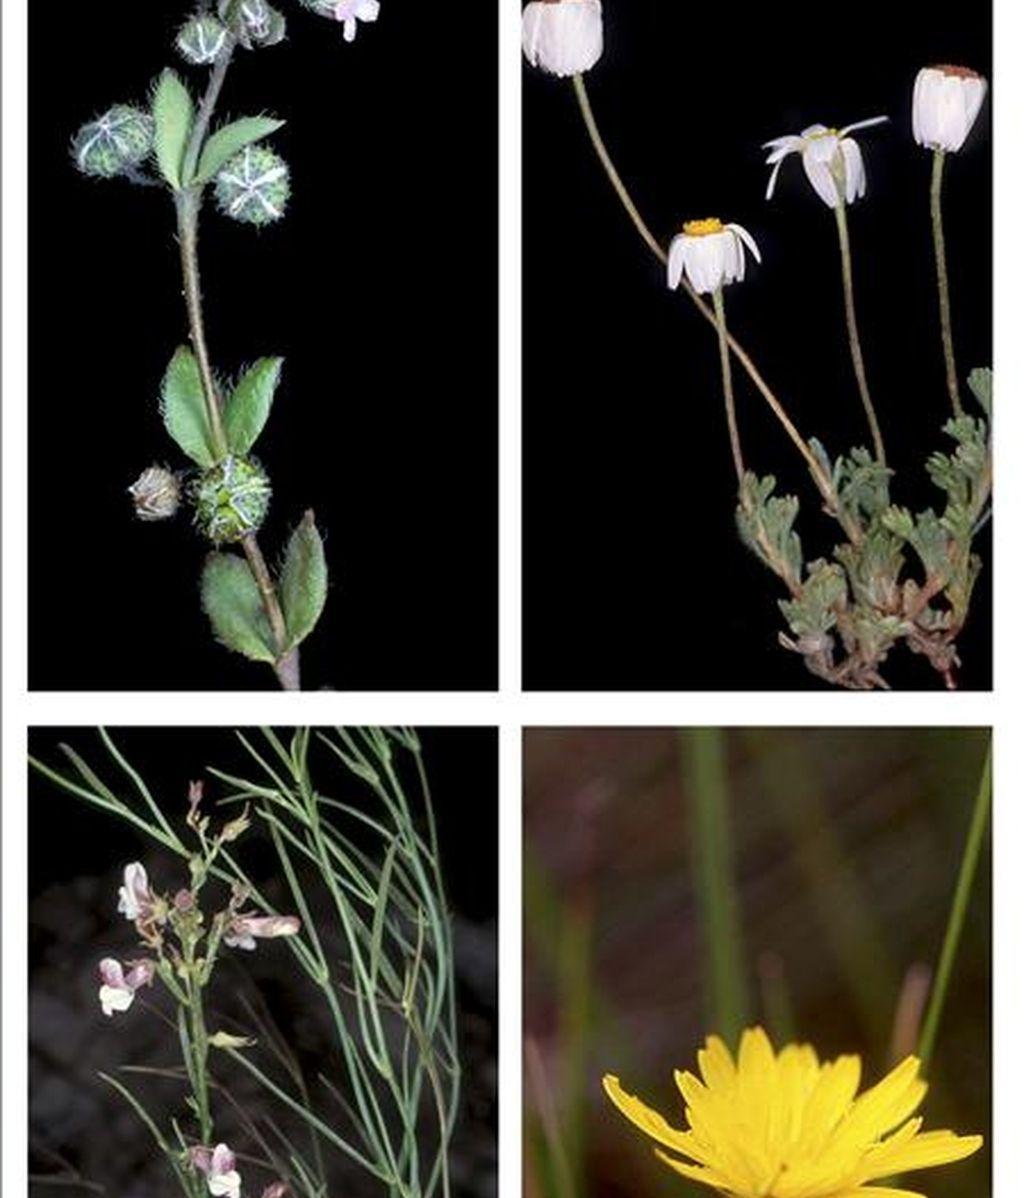 En las imágenes, facilitadas por el Consejo Superior de Investigaciones Científicas, Gyrocaryum oppositifolium, Castrilanthemum, Gyrocaryum oppositifolium y Avellara fistulosa (izda-dcha). EFE